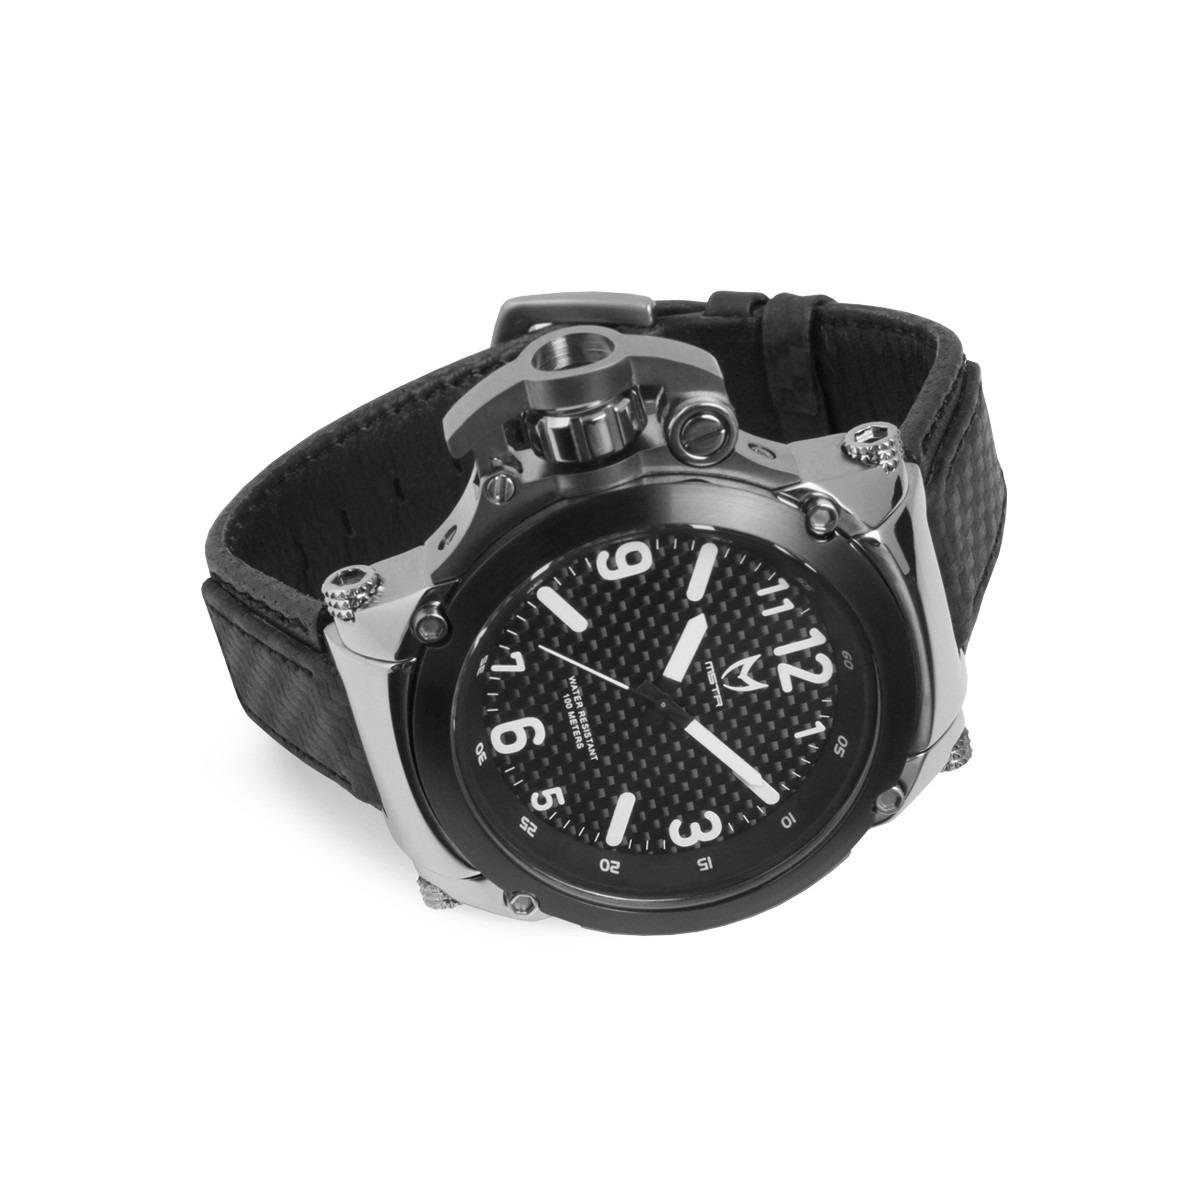 Mstr Negro Hm4 Reloj Co103cf Commander hxQrCdts